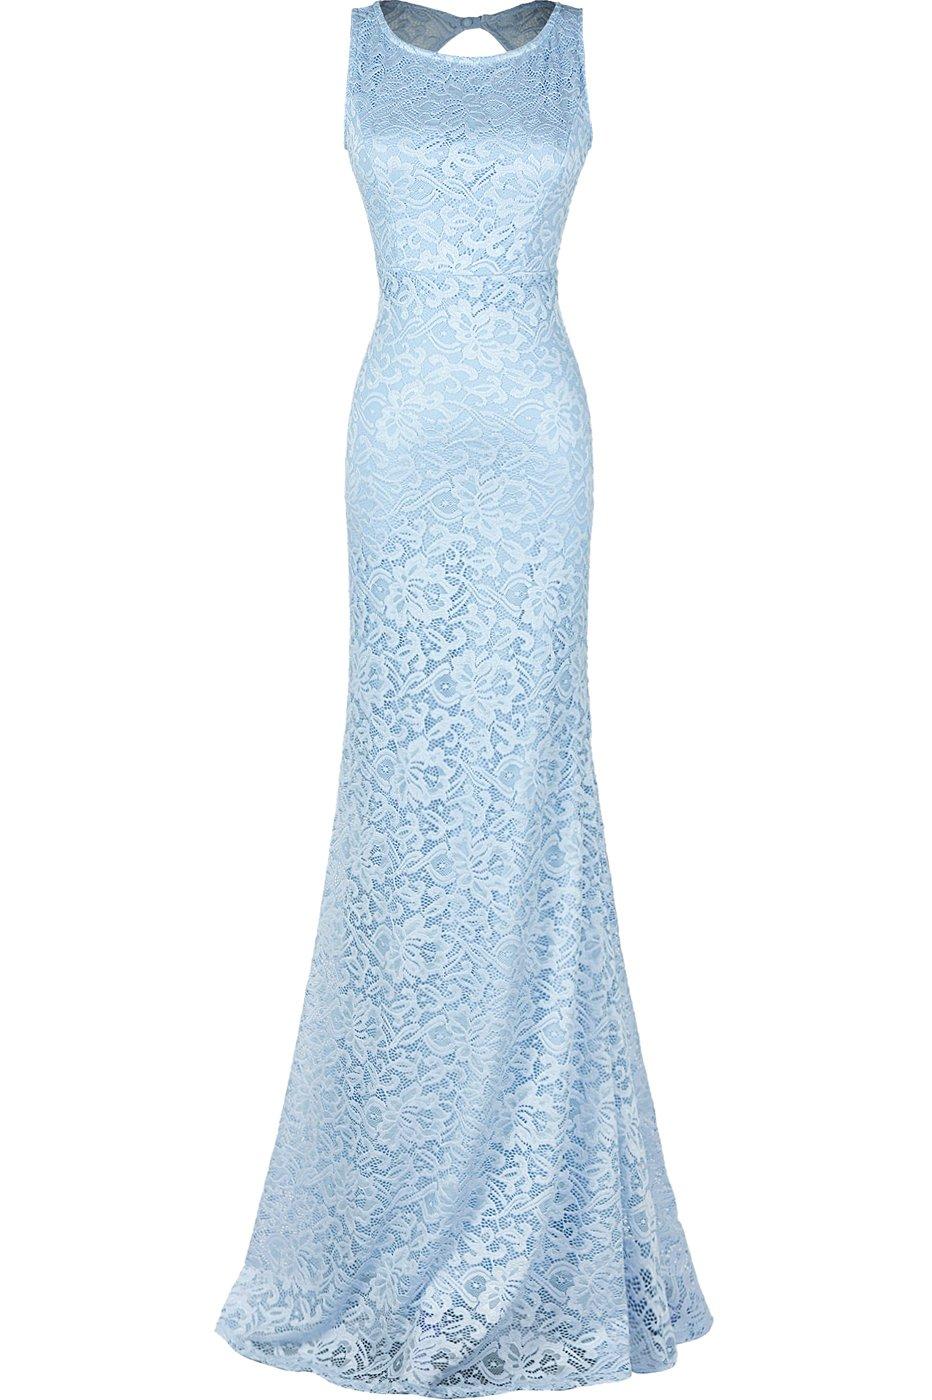 Blue Lace Evening Gowns: Amazon.com